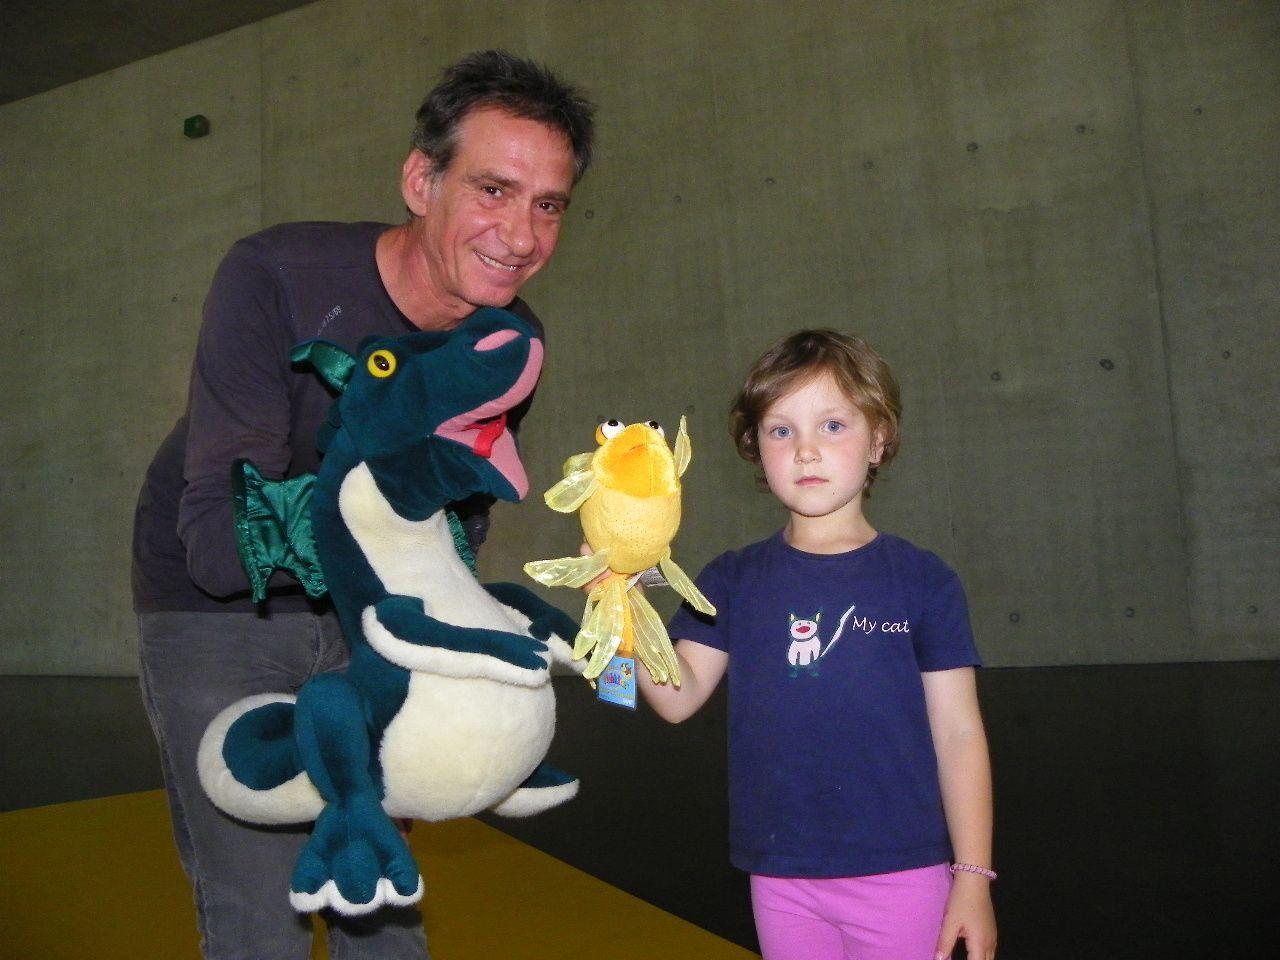 Gloria erkundete das Kunsthaus gemeinsam mit dem  Goldfisch und dem Kunstdrachen